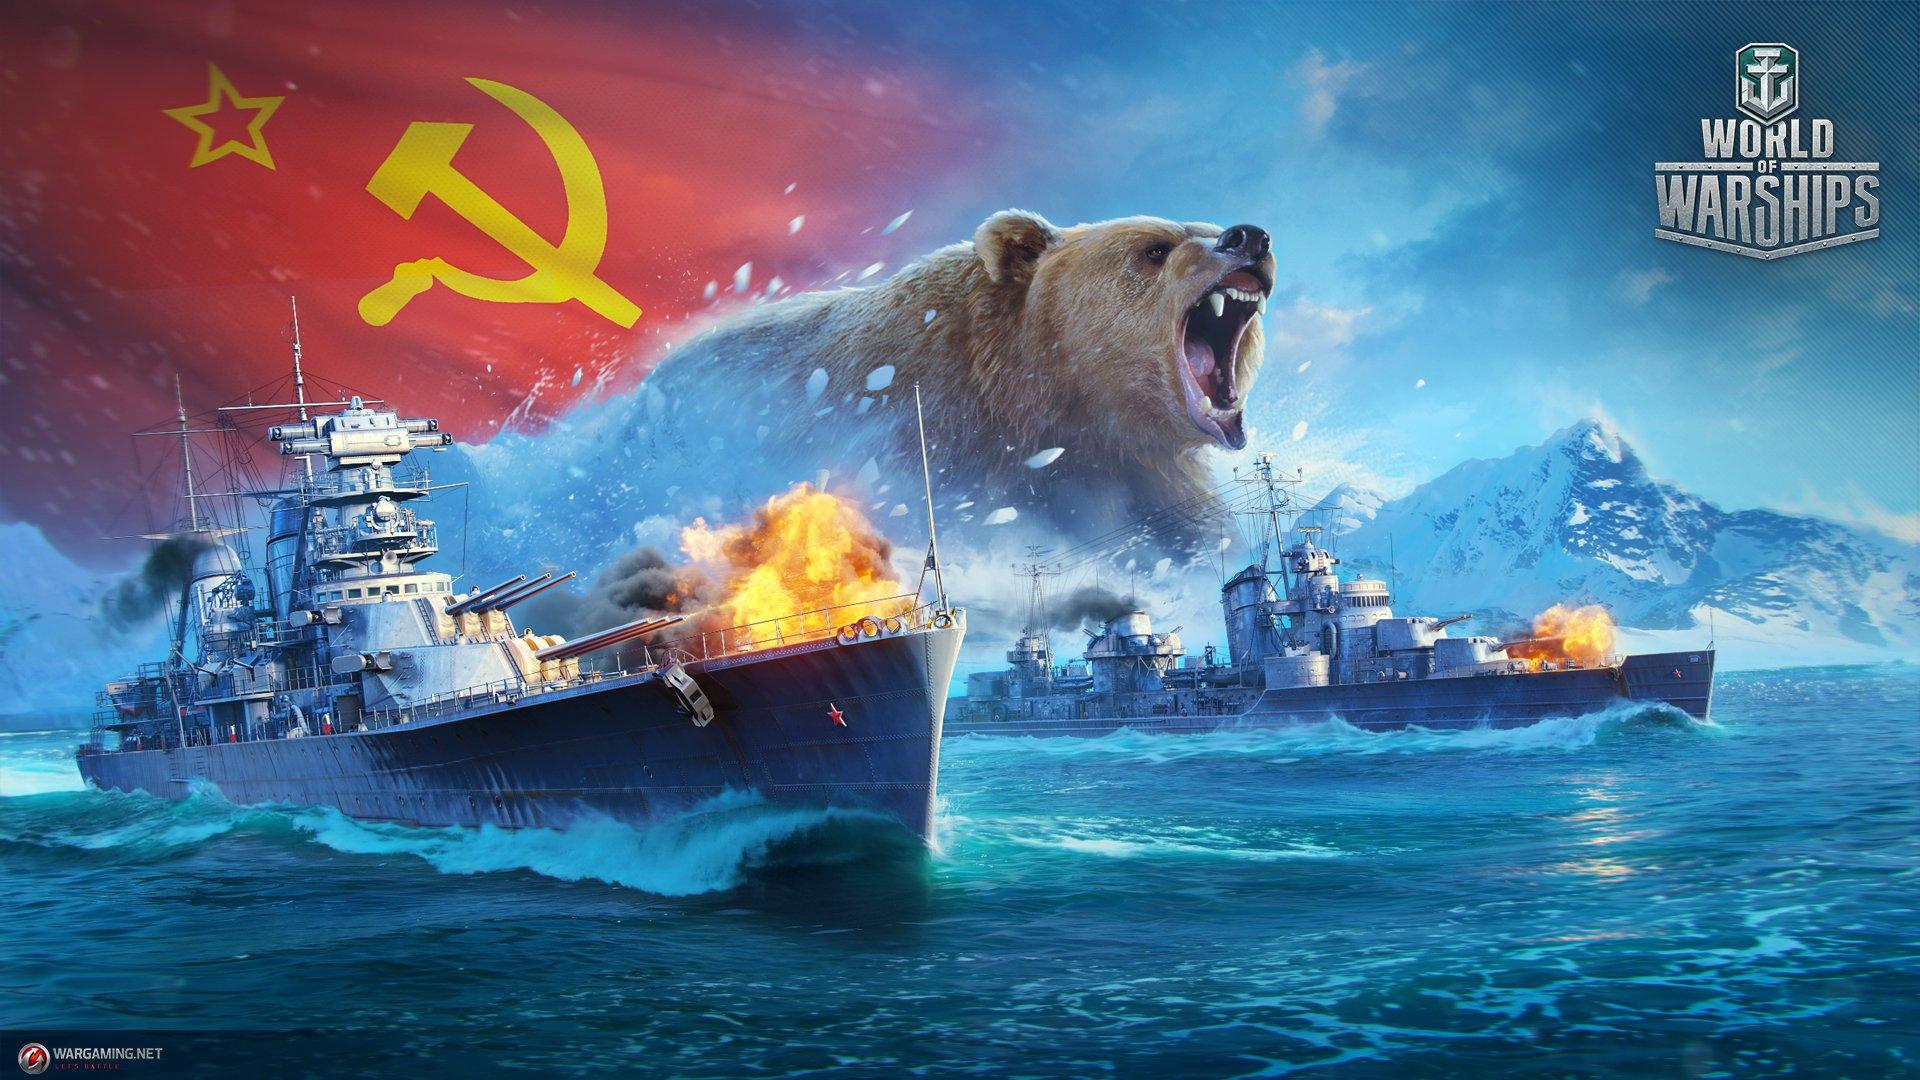 ノルトフリート Twitterren ロシアwowsの方で公表された壁紙らしいが